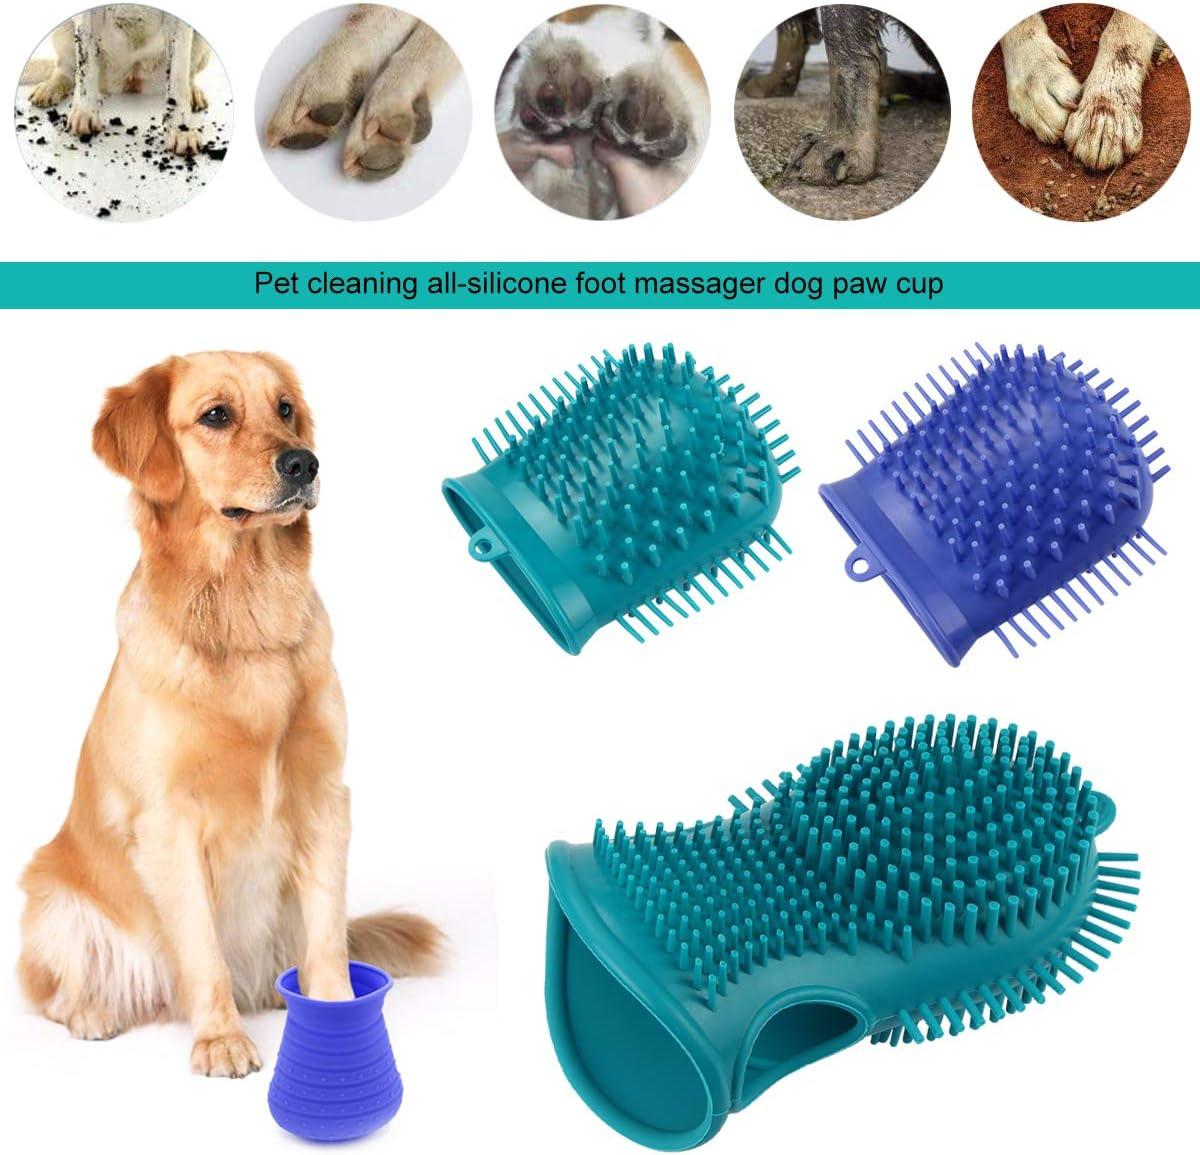 PFativant 2 en 1 limpieza de masaje para perros y patas limpiador de silicona para pies de mascotas con una toalla adecuado para perros peque/ños y medianos.